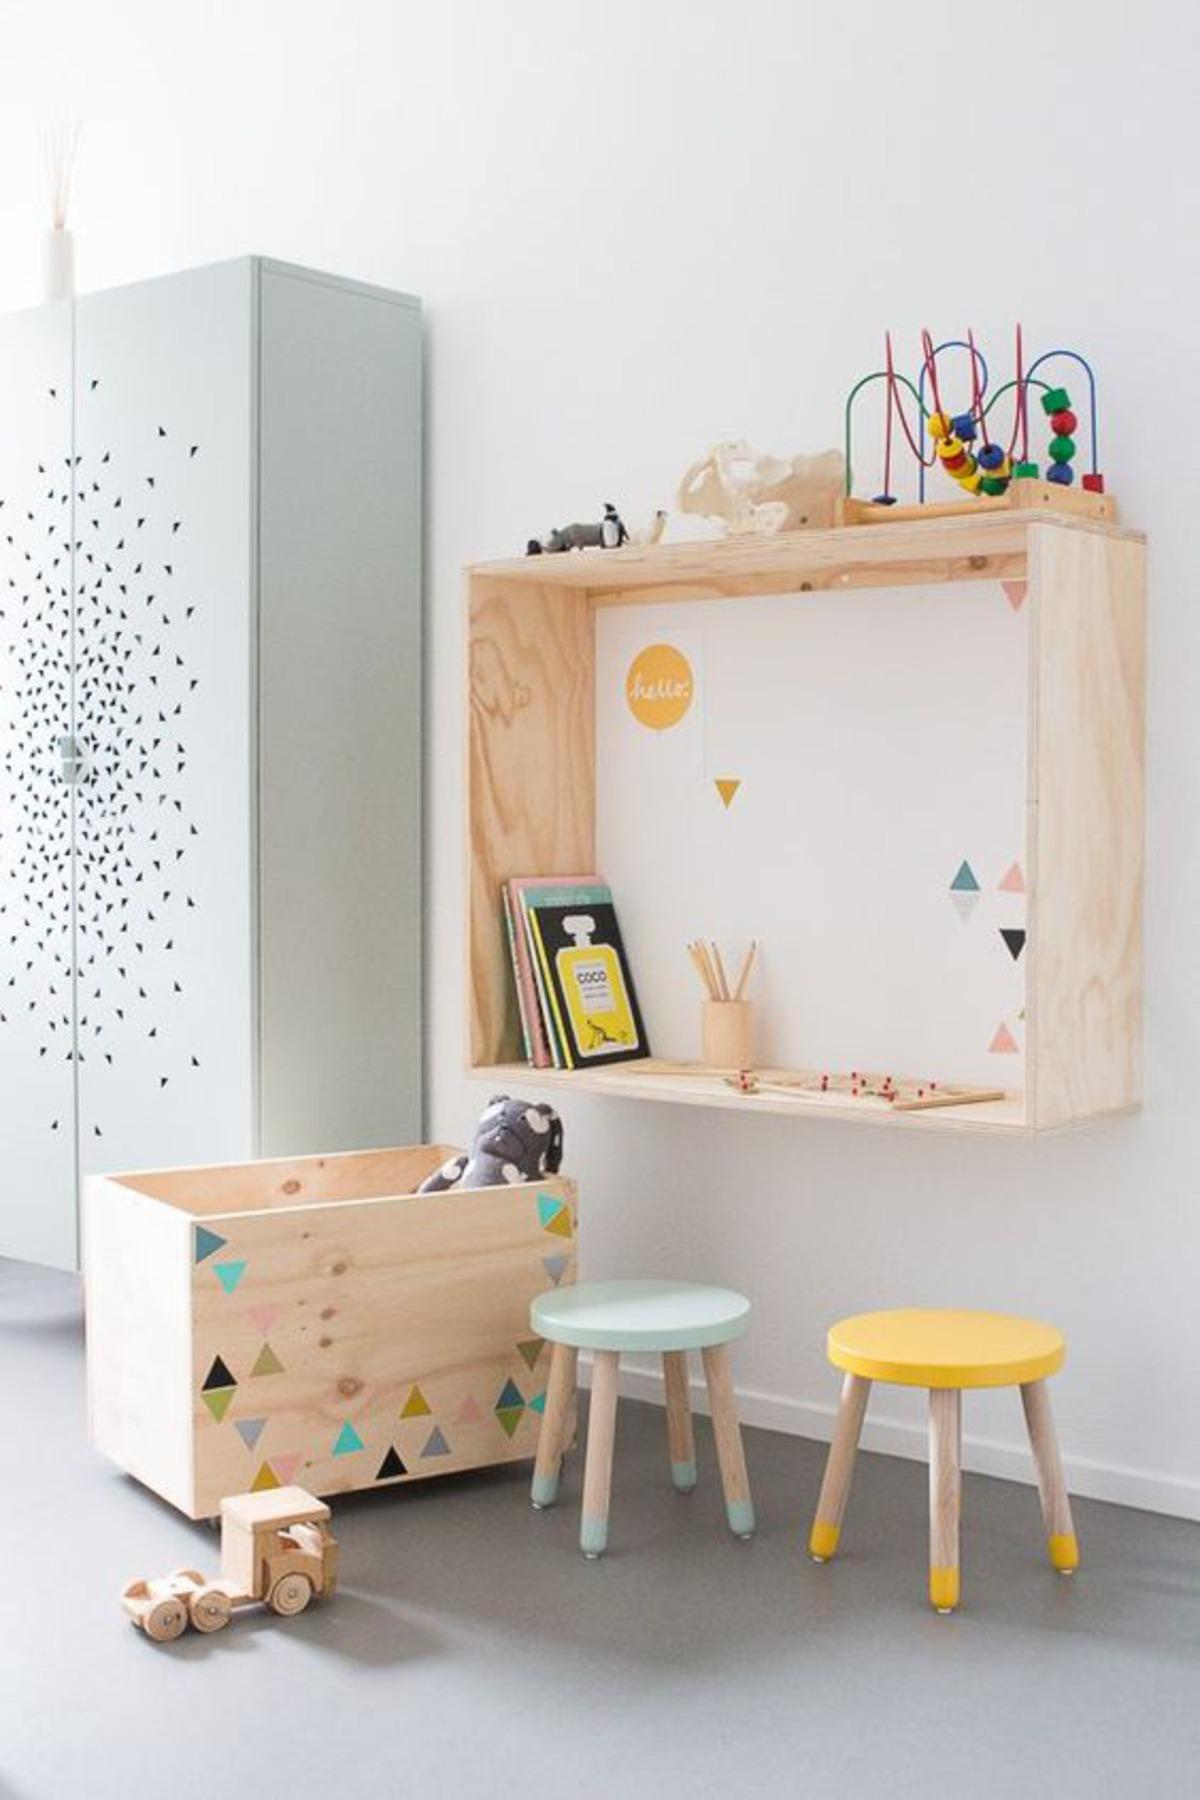 quarto com madeira e bancos coloridos